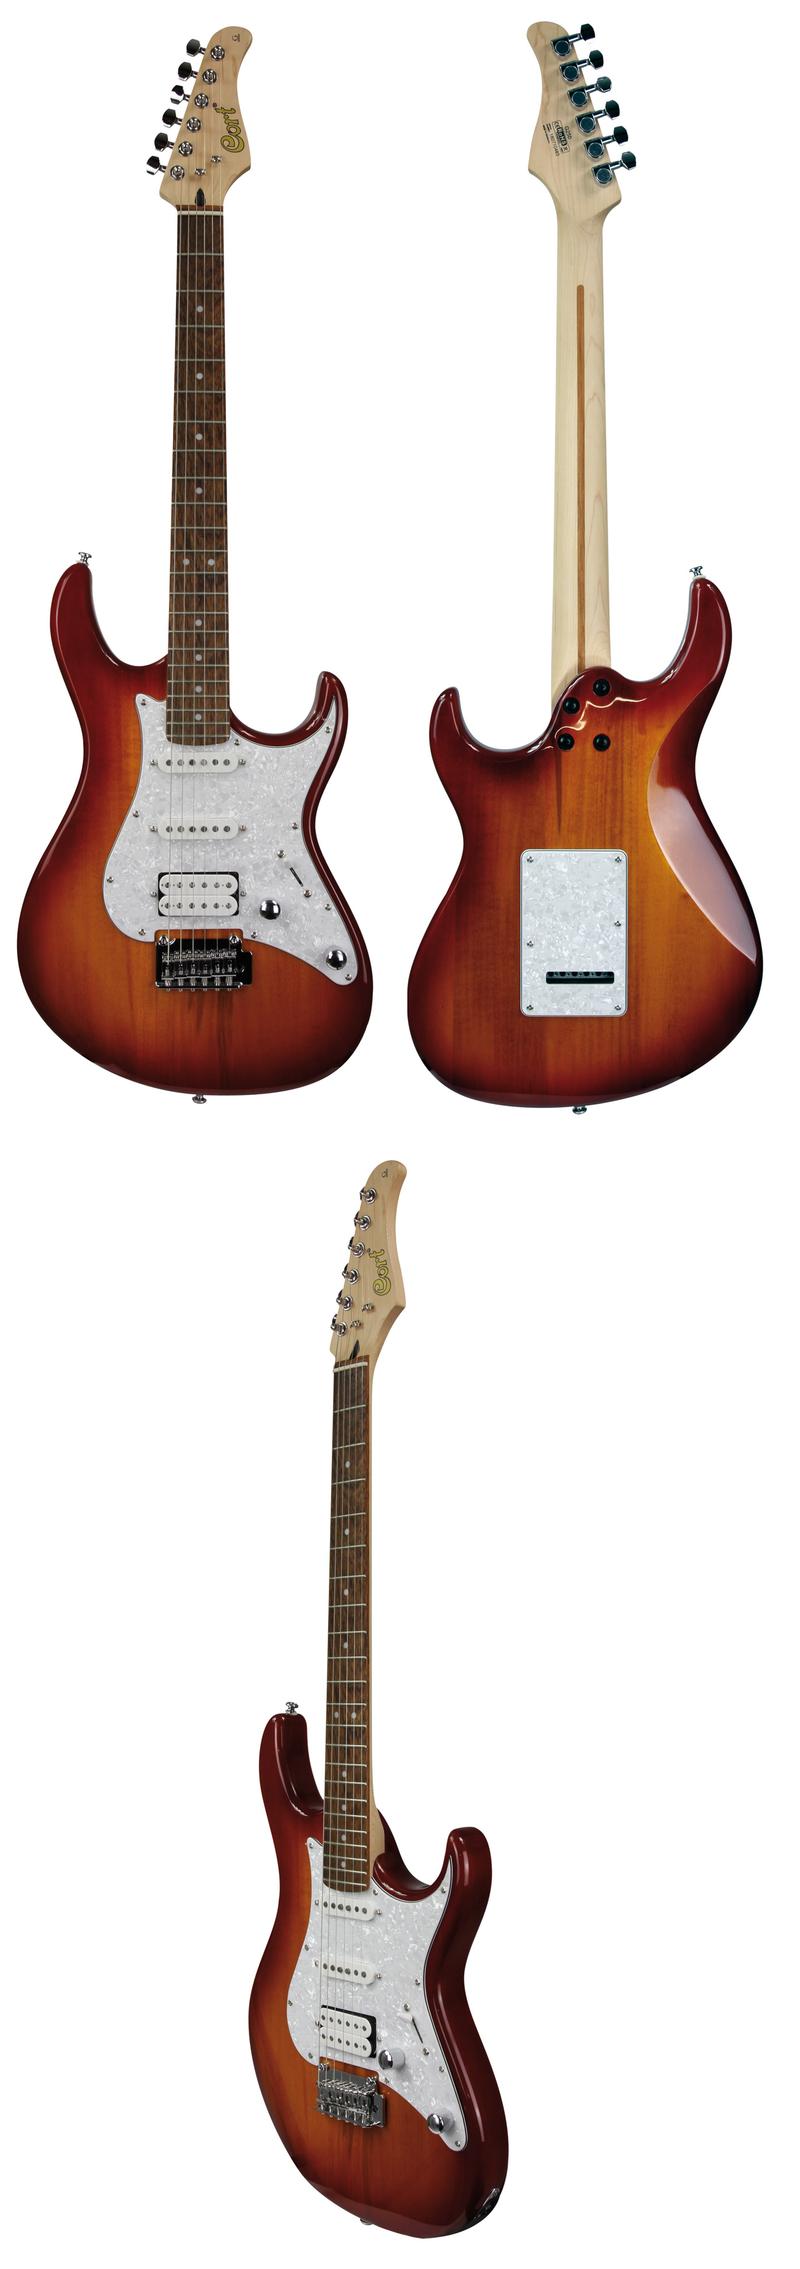 Guitare électrique G250TAB. - Voir en grand